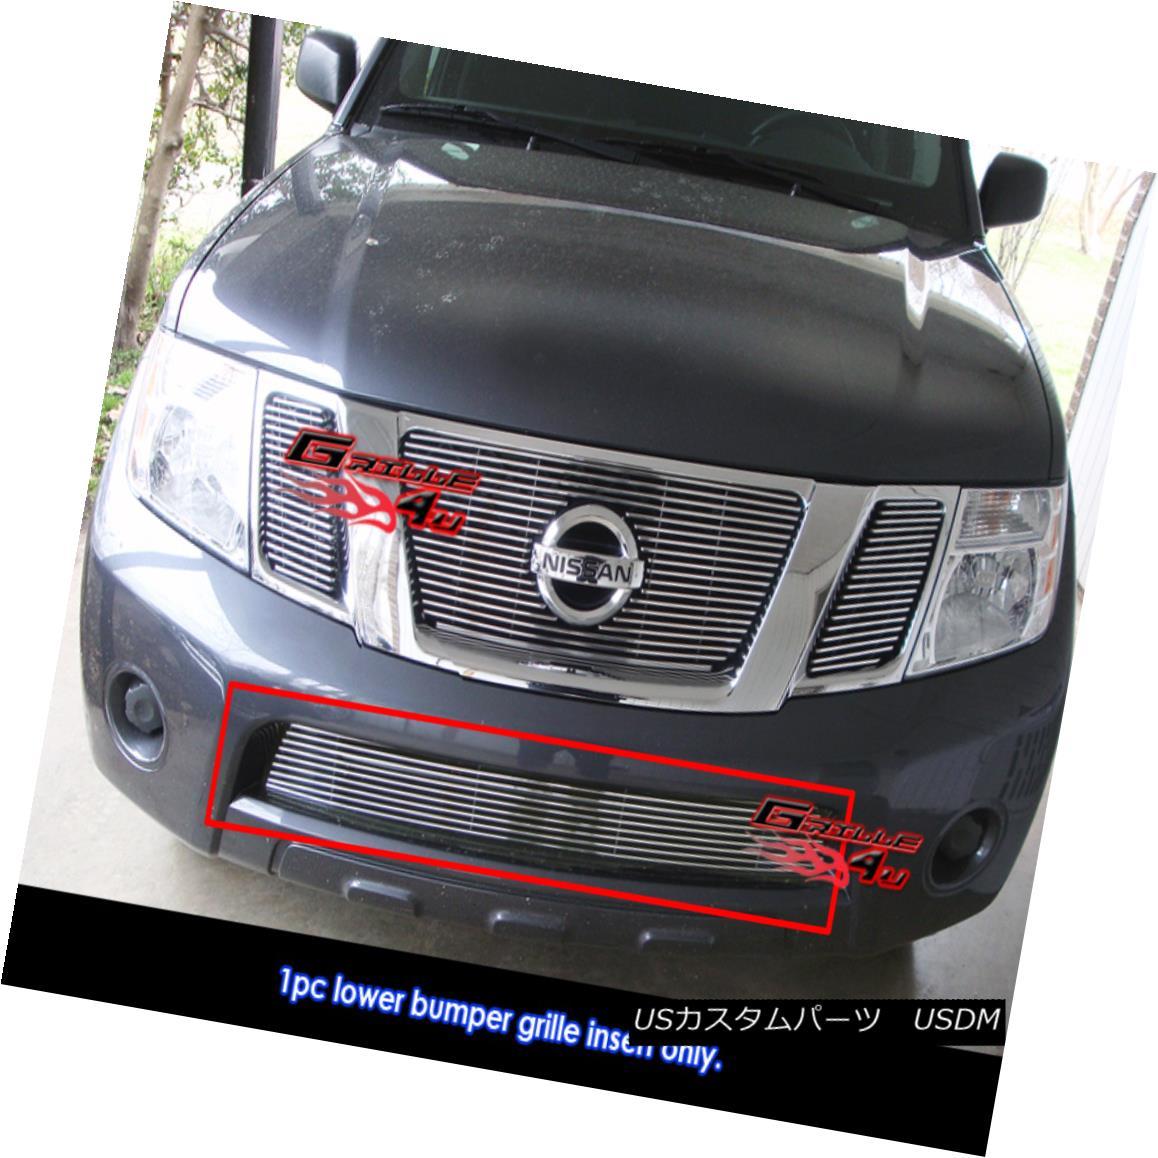 グリル Fits 2008-2011 Nissan Pathfinder Bumper Billet Grille フィット2008-2011日産パスファインダーバンパービレットグリル